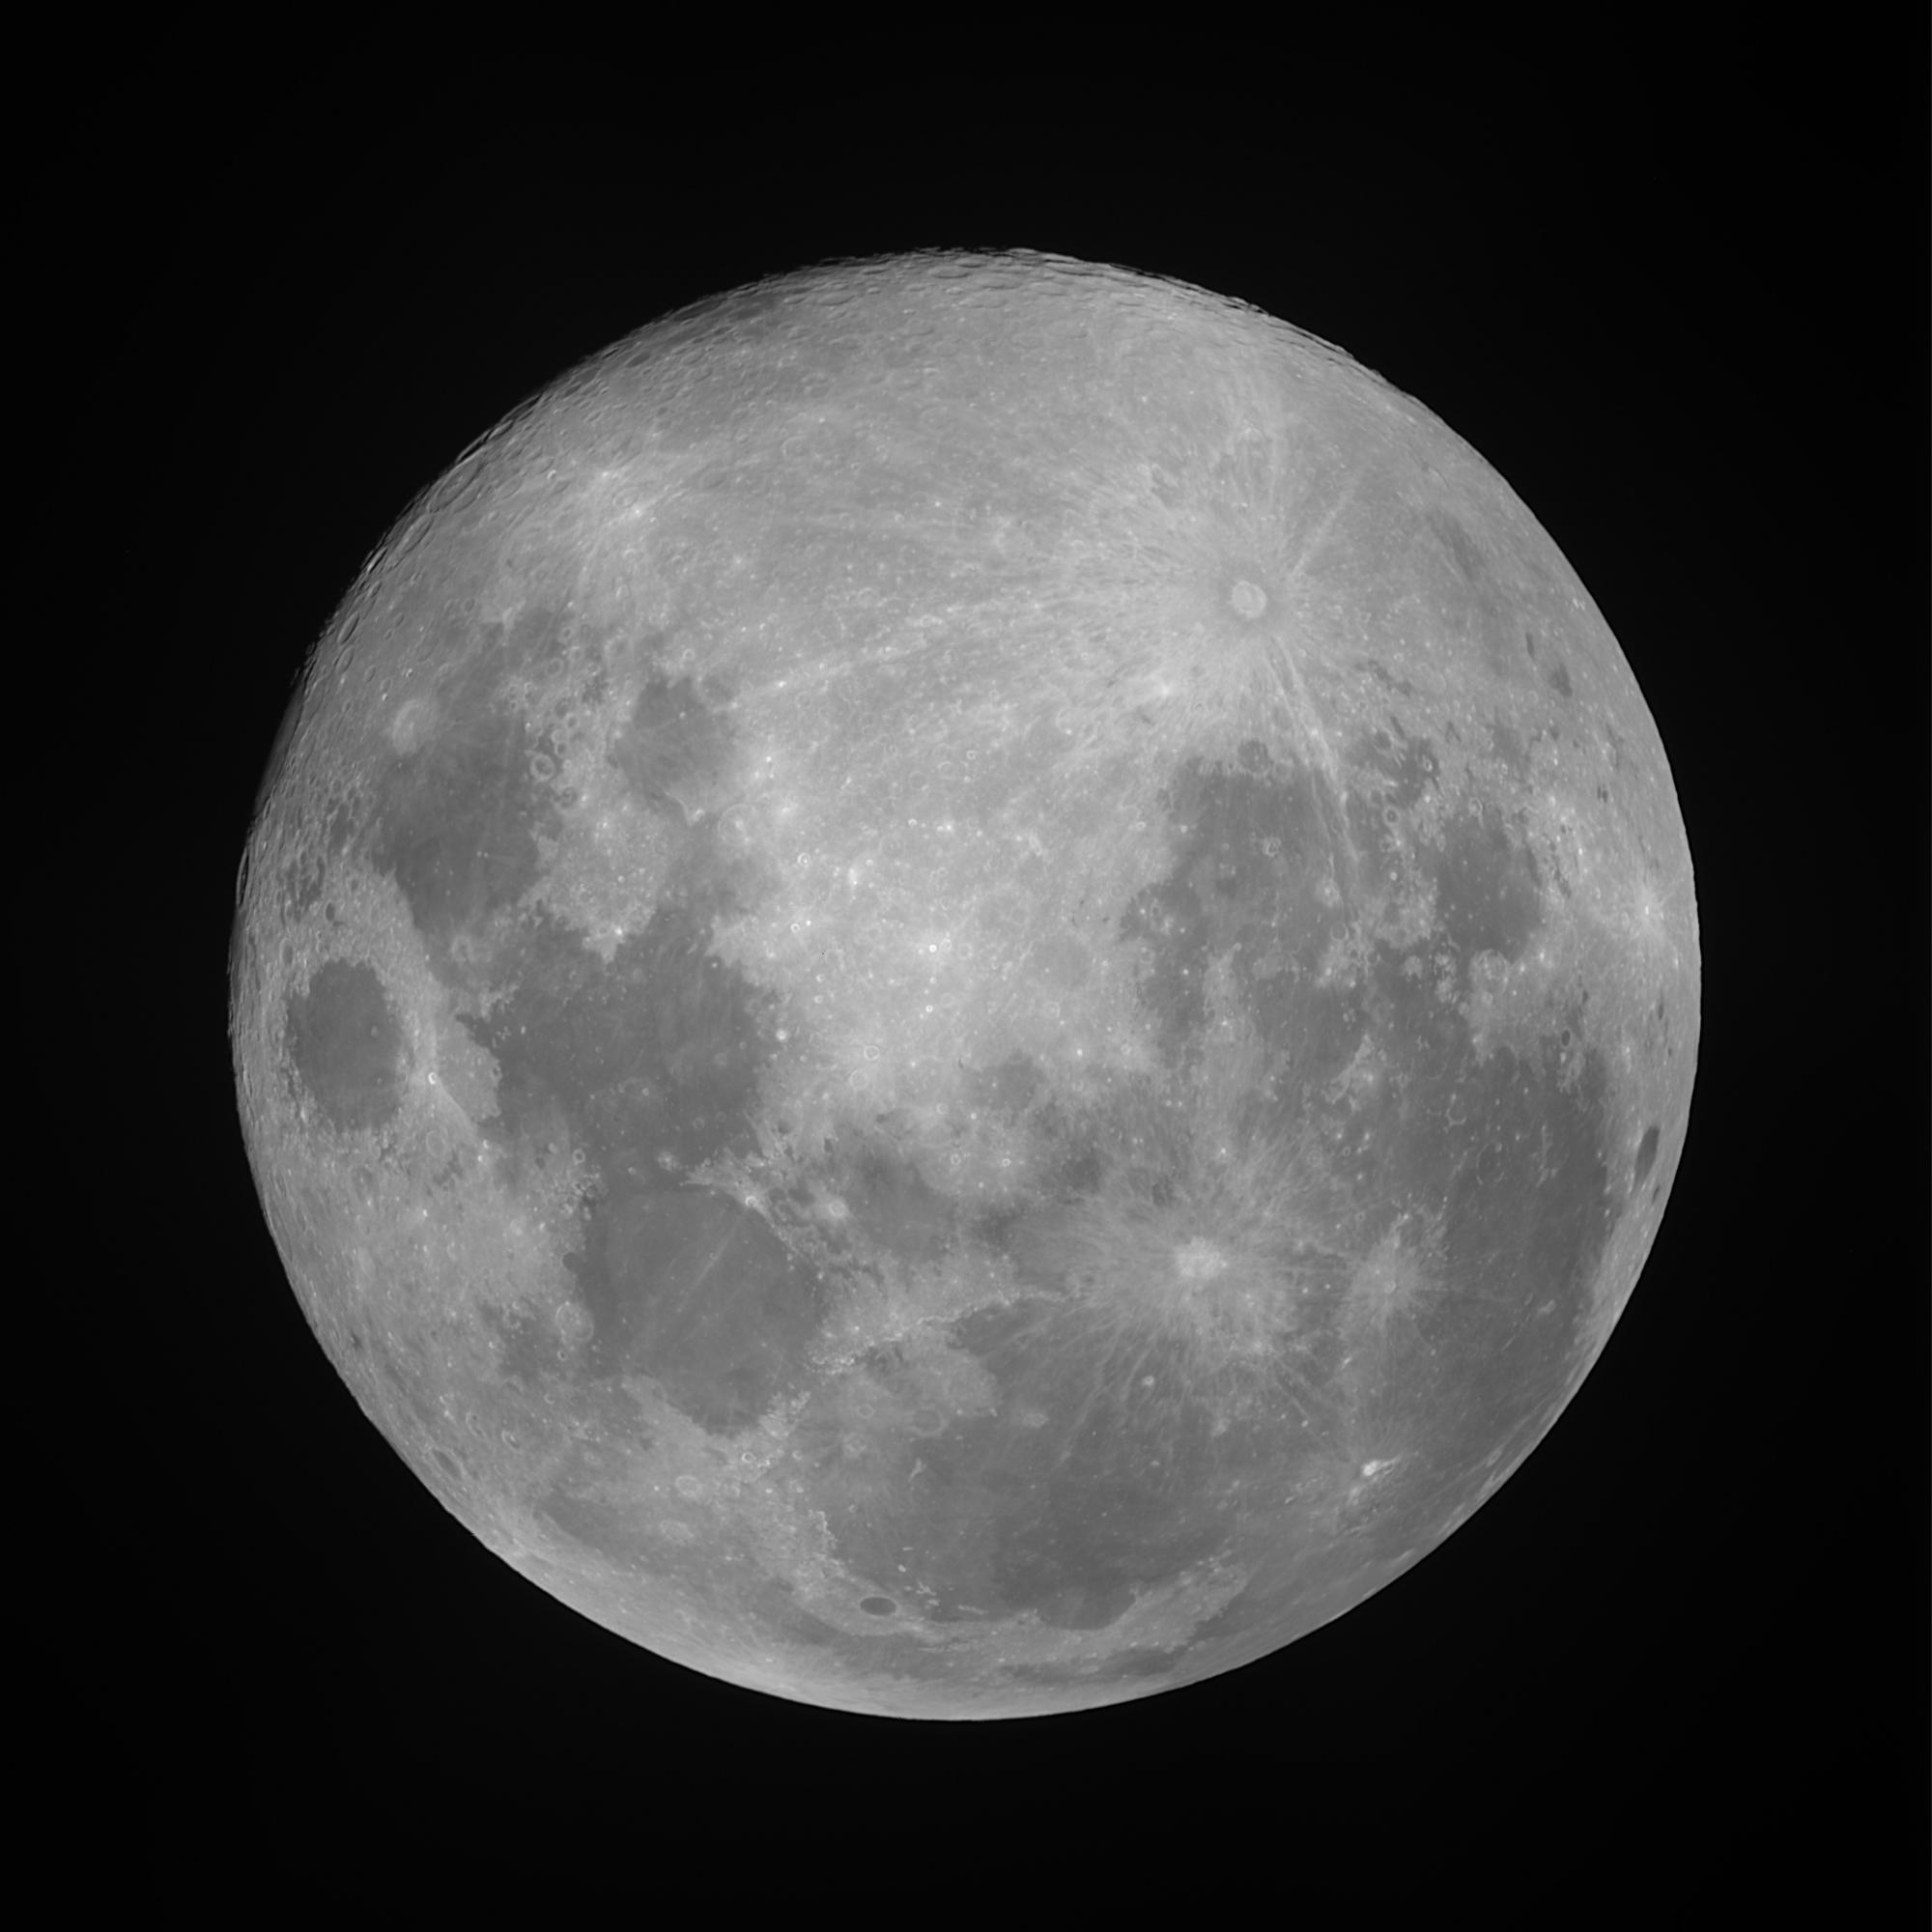 продаже лунные картинки реальные виде отпечатков